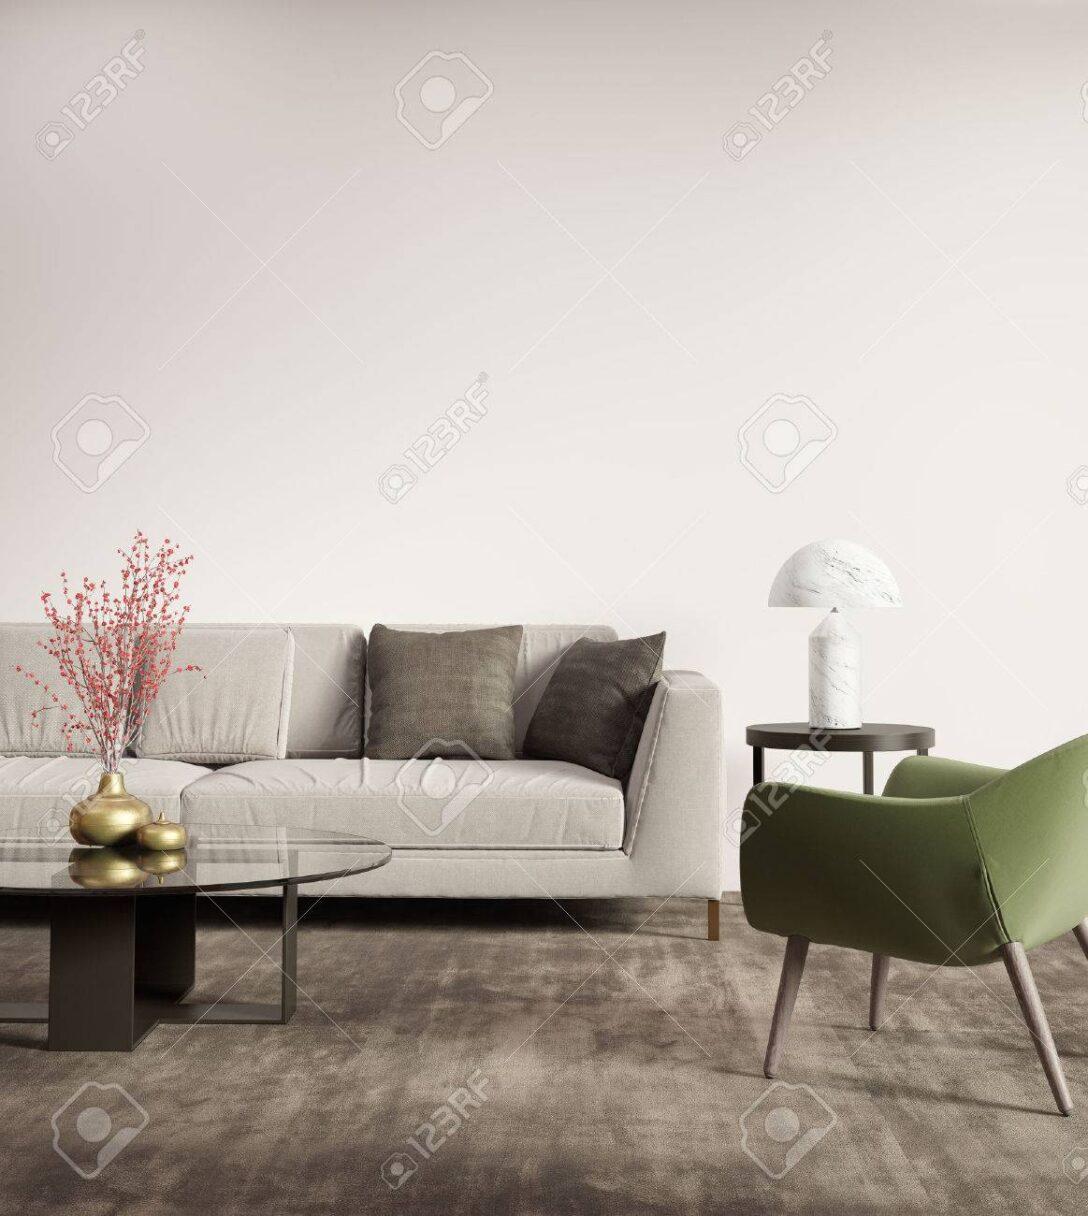 Large Size of Graues Sofa Brauner Teppich Graue Couch Welcher Welche Wandfarbe Kleines Ikea Erpo Antikes Goodlife Großes Rattan Garten Zweisitzer Sofort Lieferbar Altes Sofa Graues Sofa